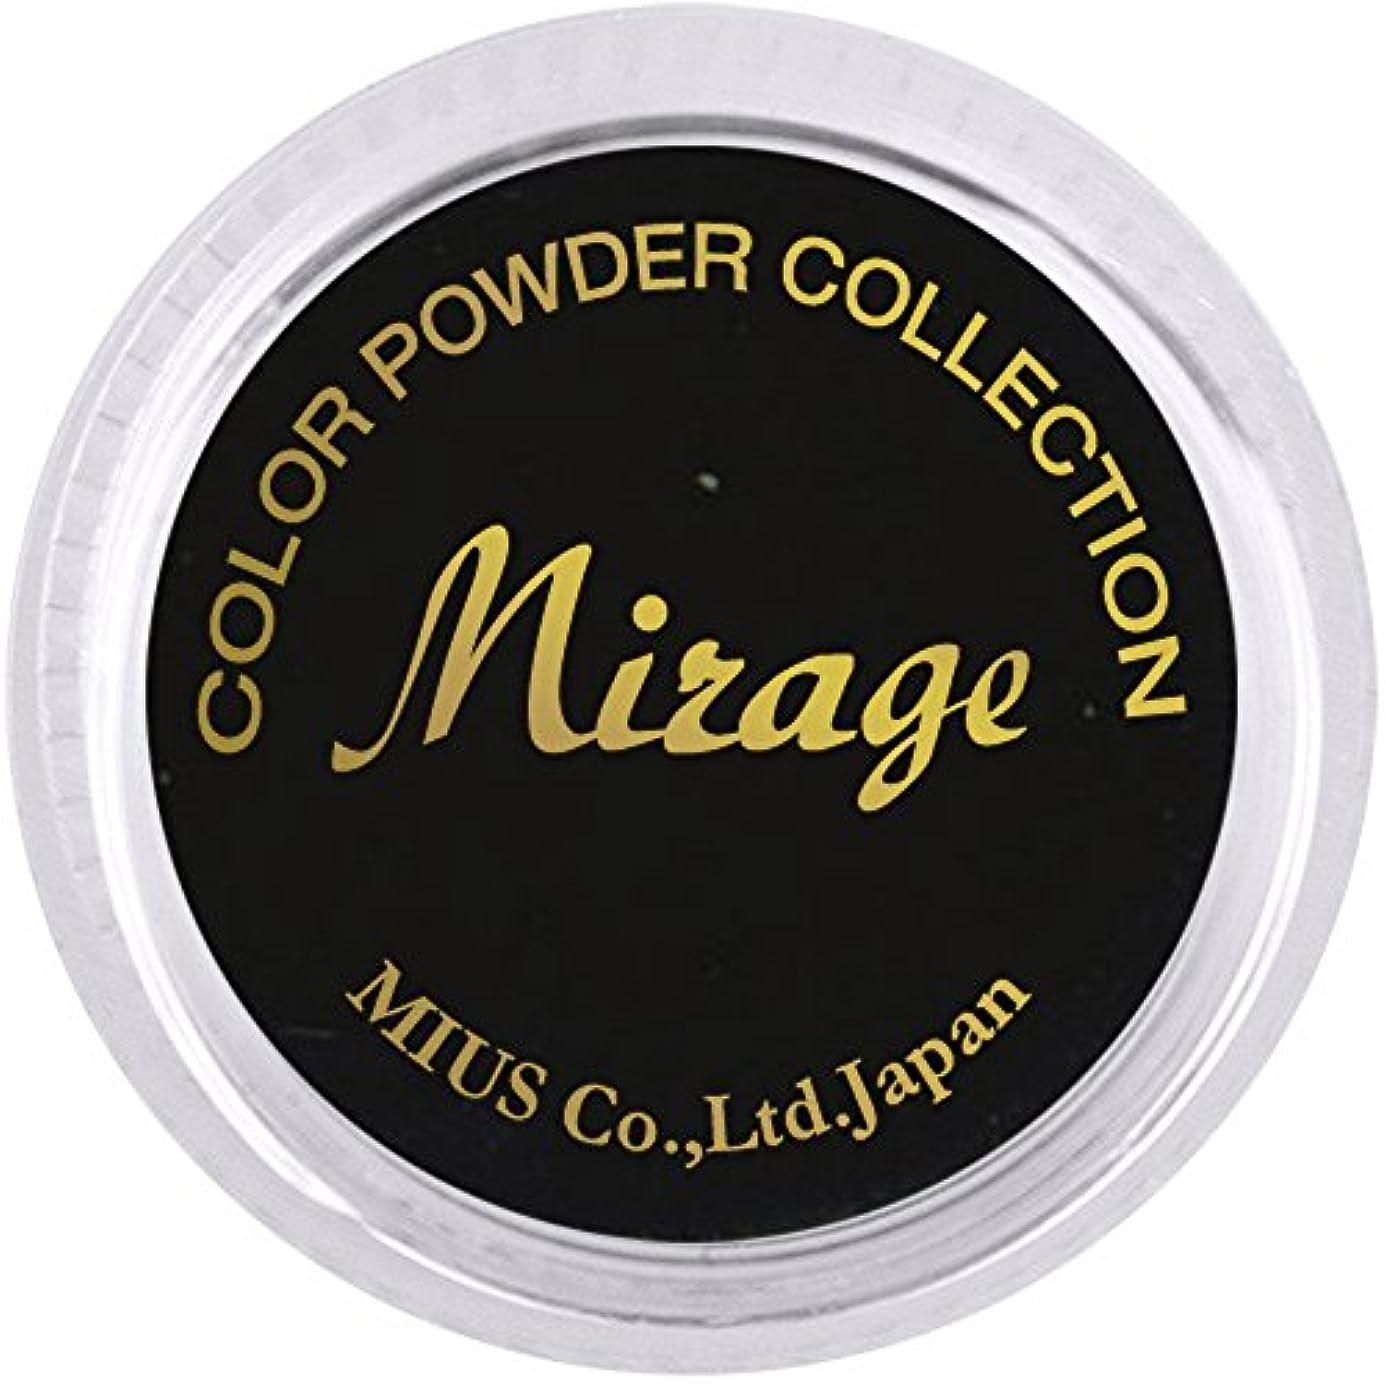 土栄光領事館ミラージュ カラーパウダー N/CPS-10  7g  アクリルパウダー 色鮮やかな蛍光スタンダードカラー